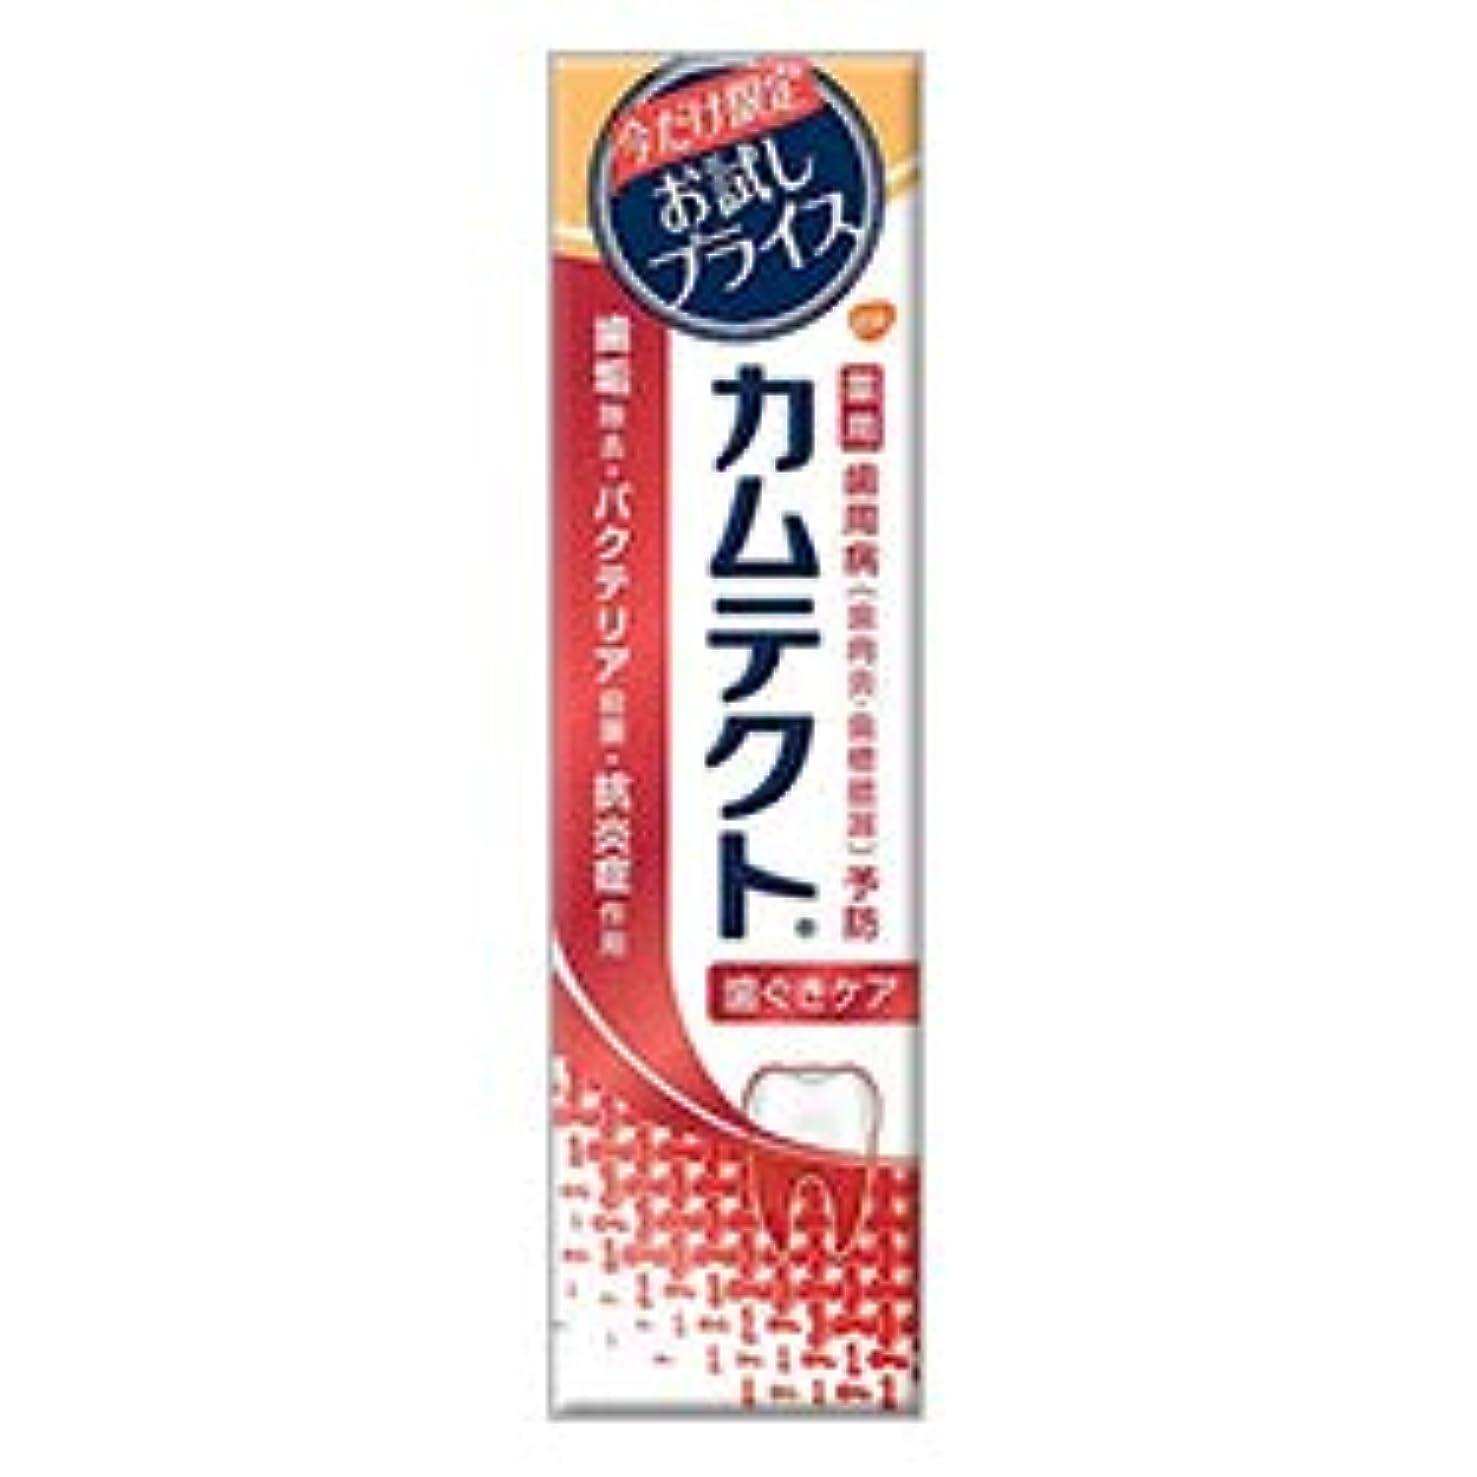 同様の蓮吸収剤【アース製薬】カムテクト 歯ぐきケア 限定お試し版 105g [医薬部外品] ×2個セット